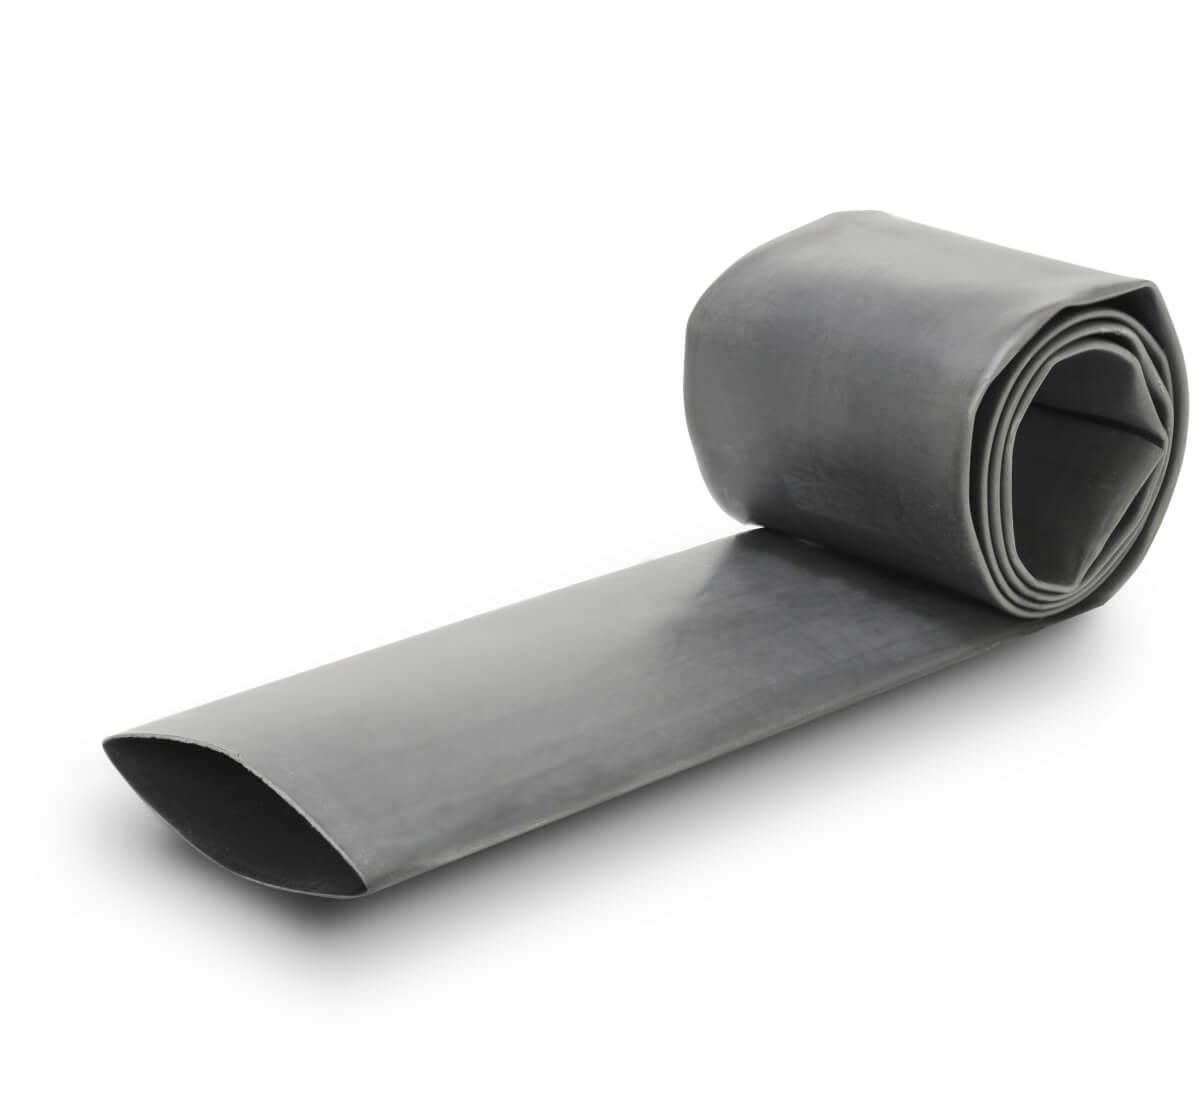 Heat-shrink tubing 2:1 Ø25mm Gray (1m)